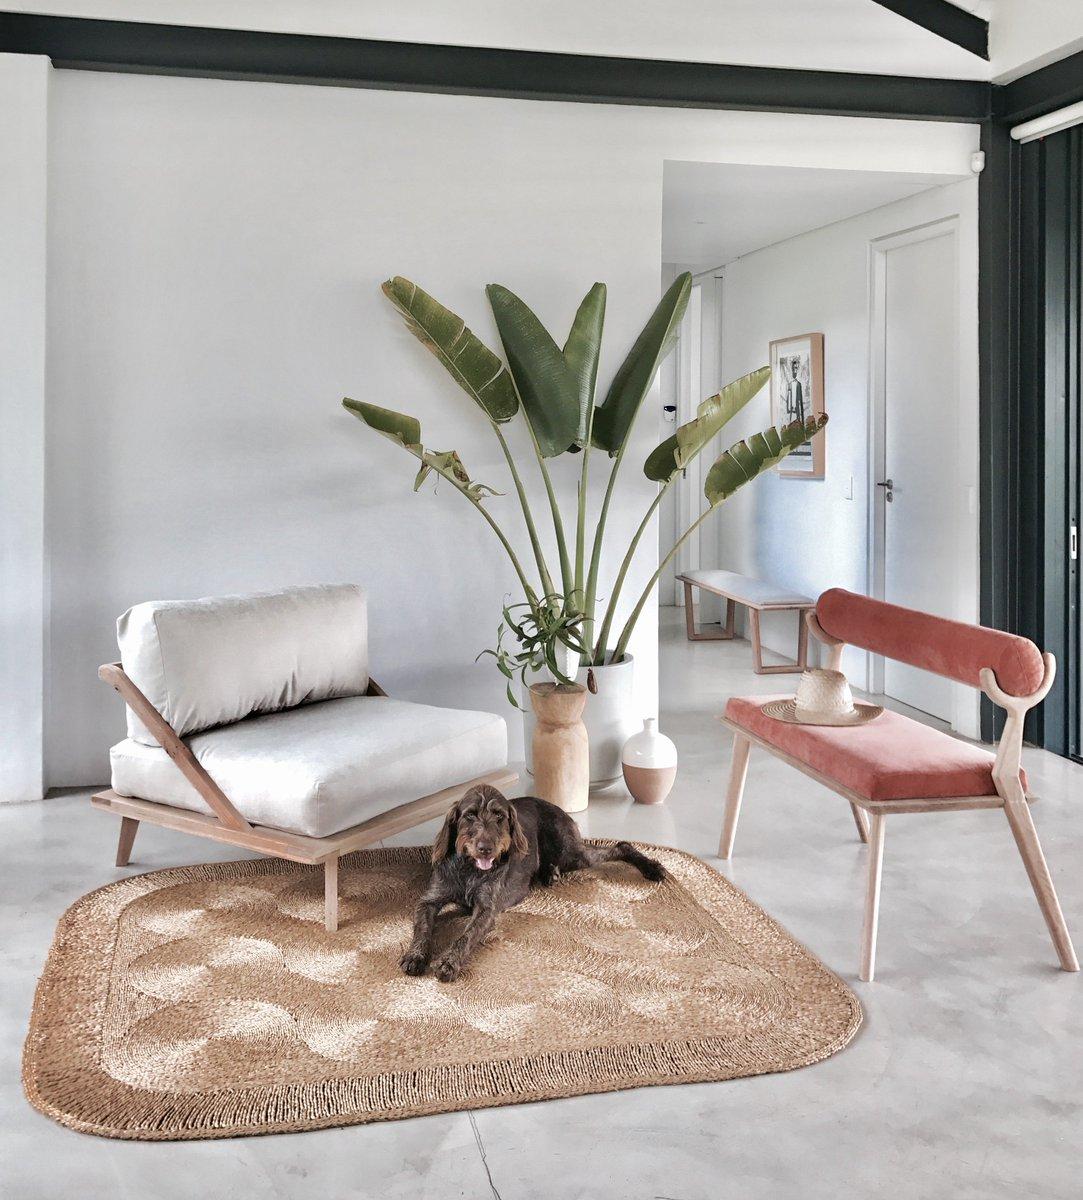 Sofa Za Chuma Mkombozi Furniture Mkombozi Furniture Instagram Profile